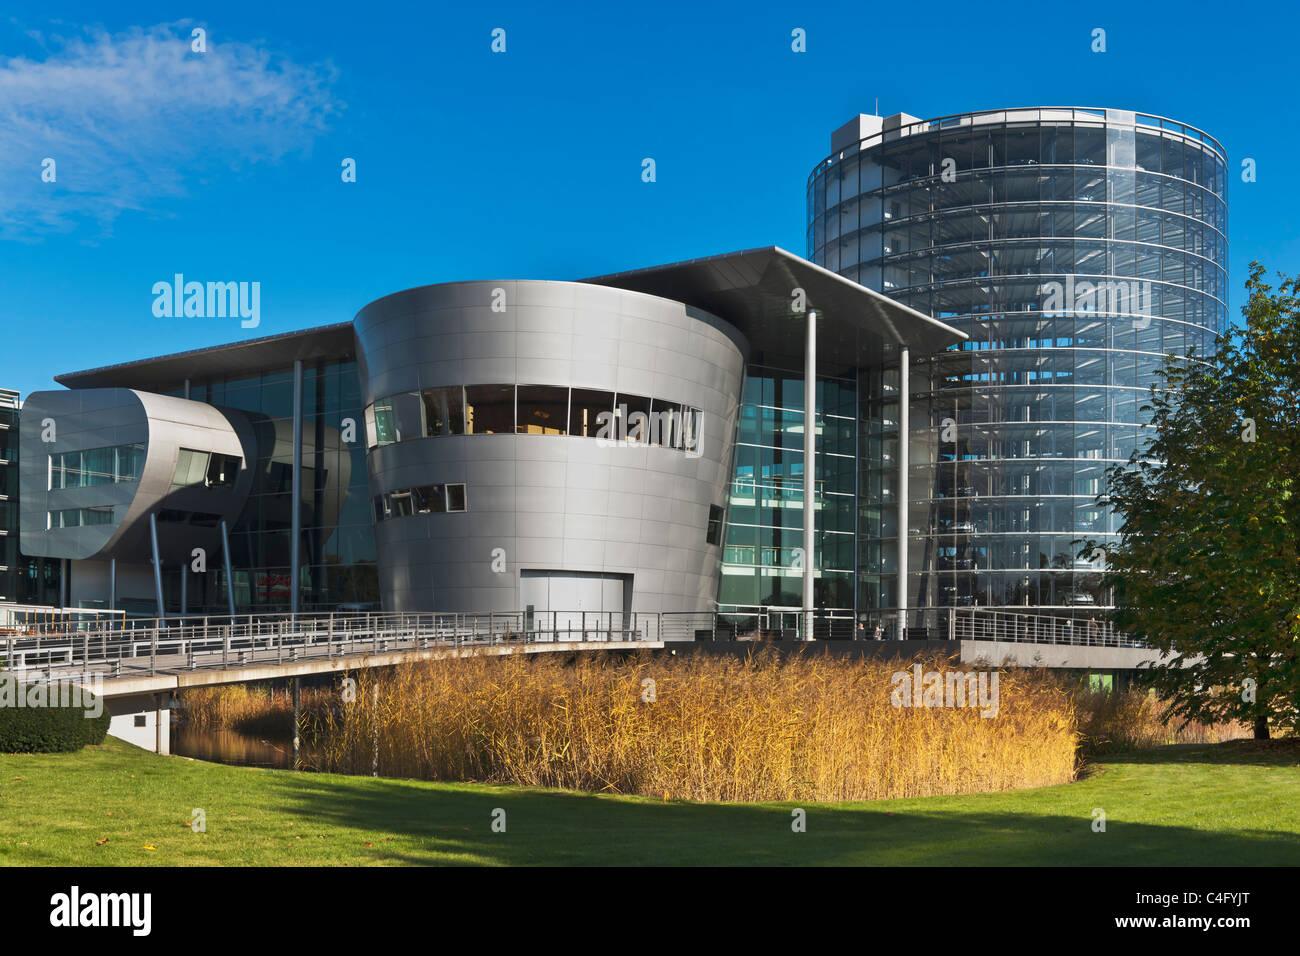 Glaeserne Manufaktur Dresden   Transparent Factory Dresden - Stock Image